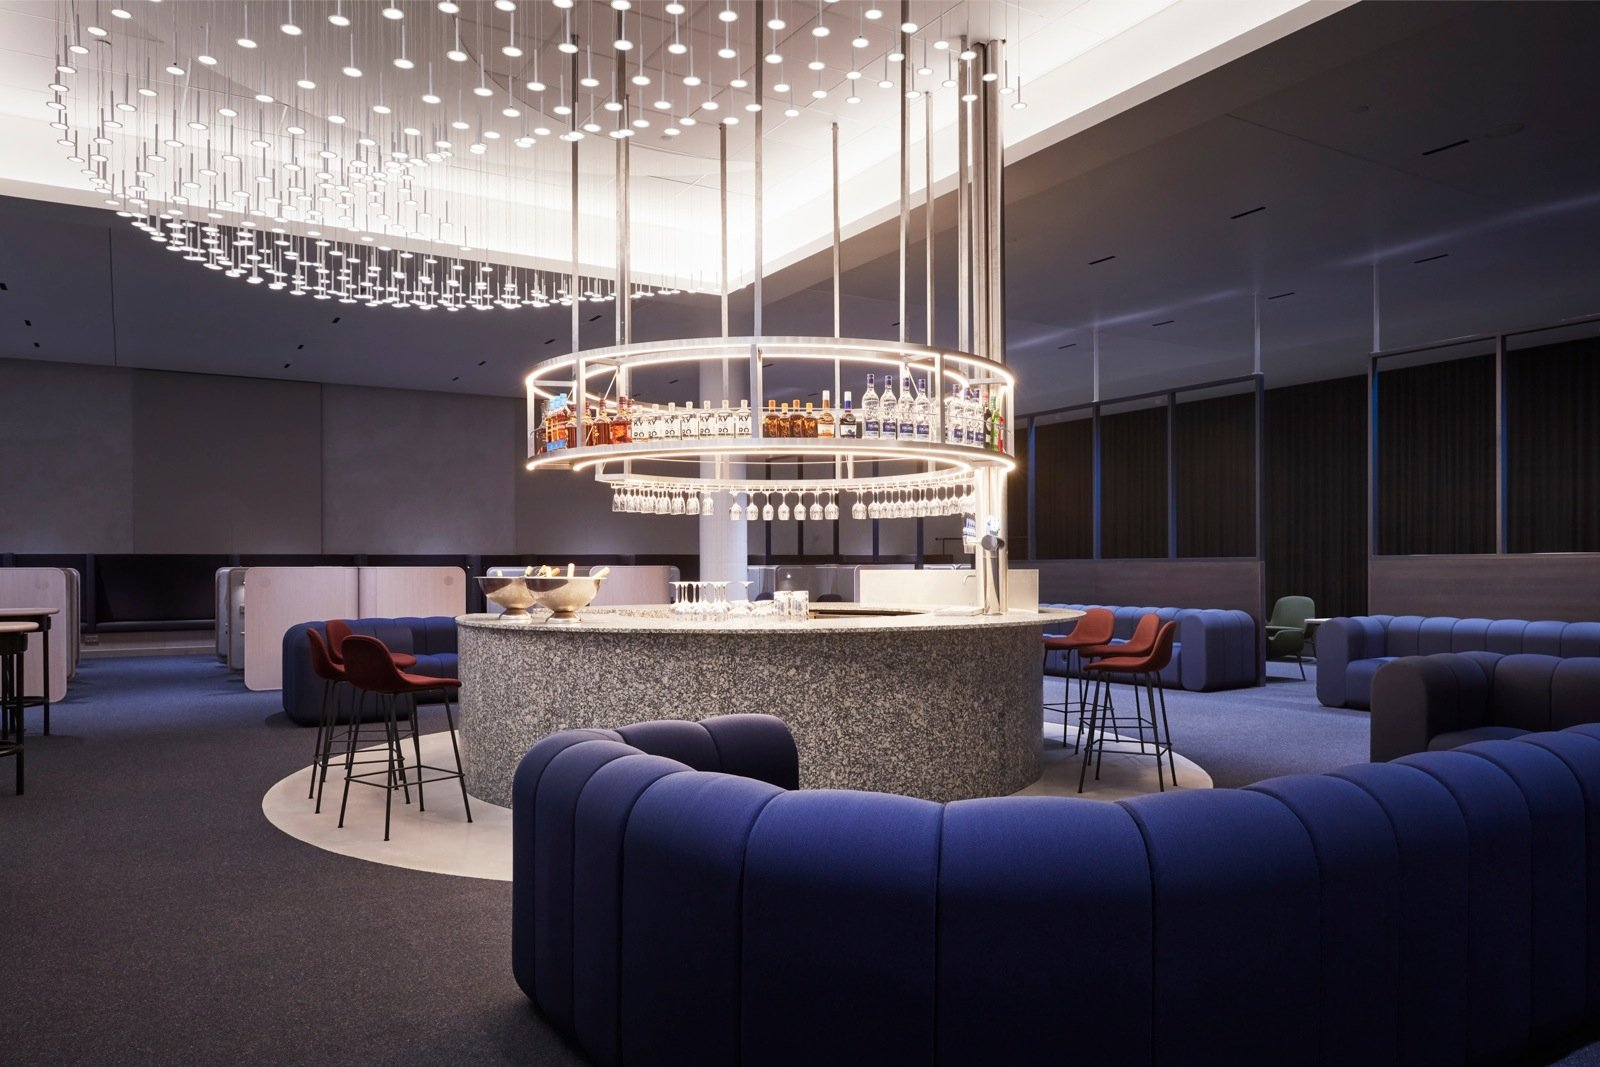 REISIUUDISED | Finnair värskendas oma äriklassi ootesaali